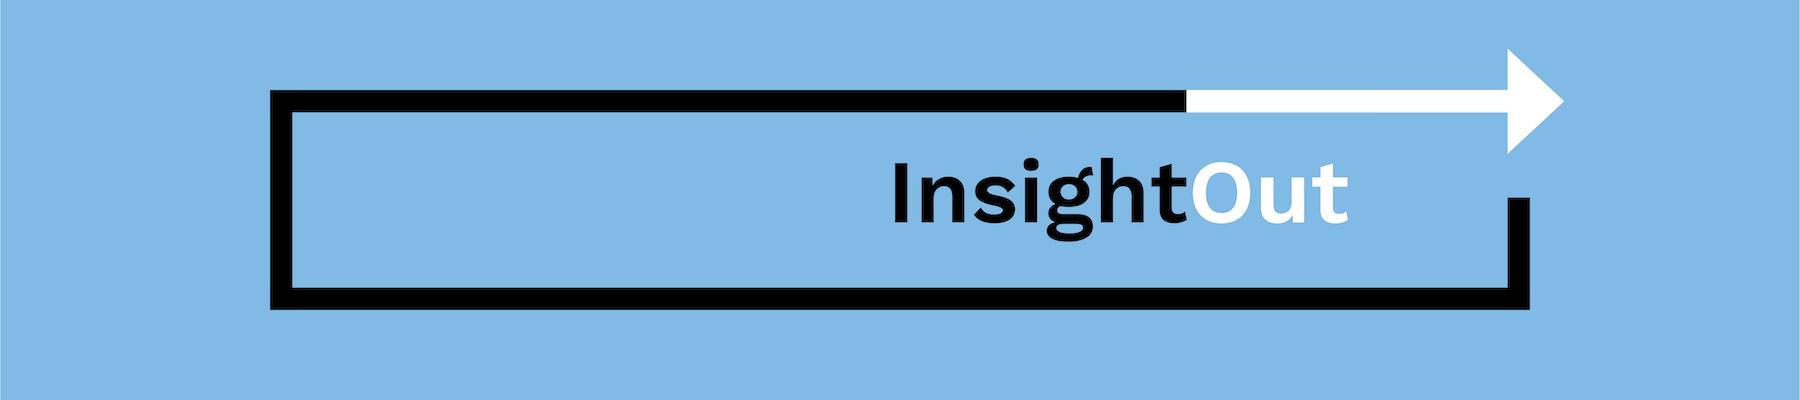 Introducing InsightOut